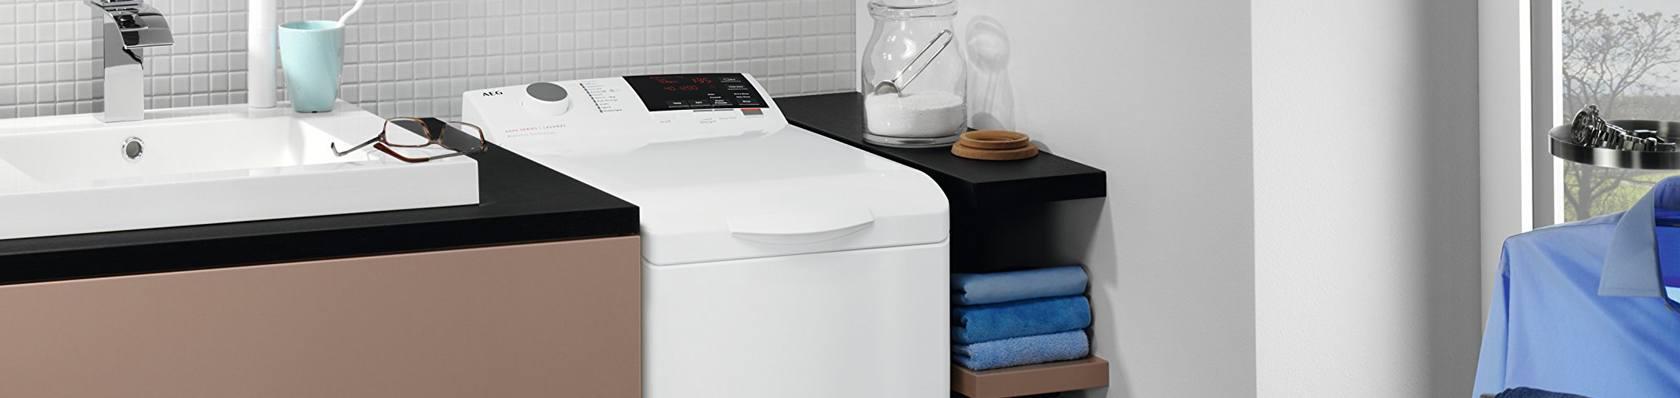 Kleine Waschmaschinen im Test auf ExpertenTesten.de